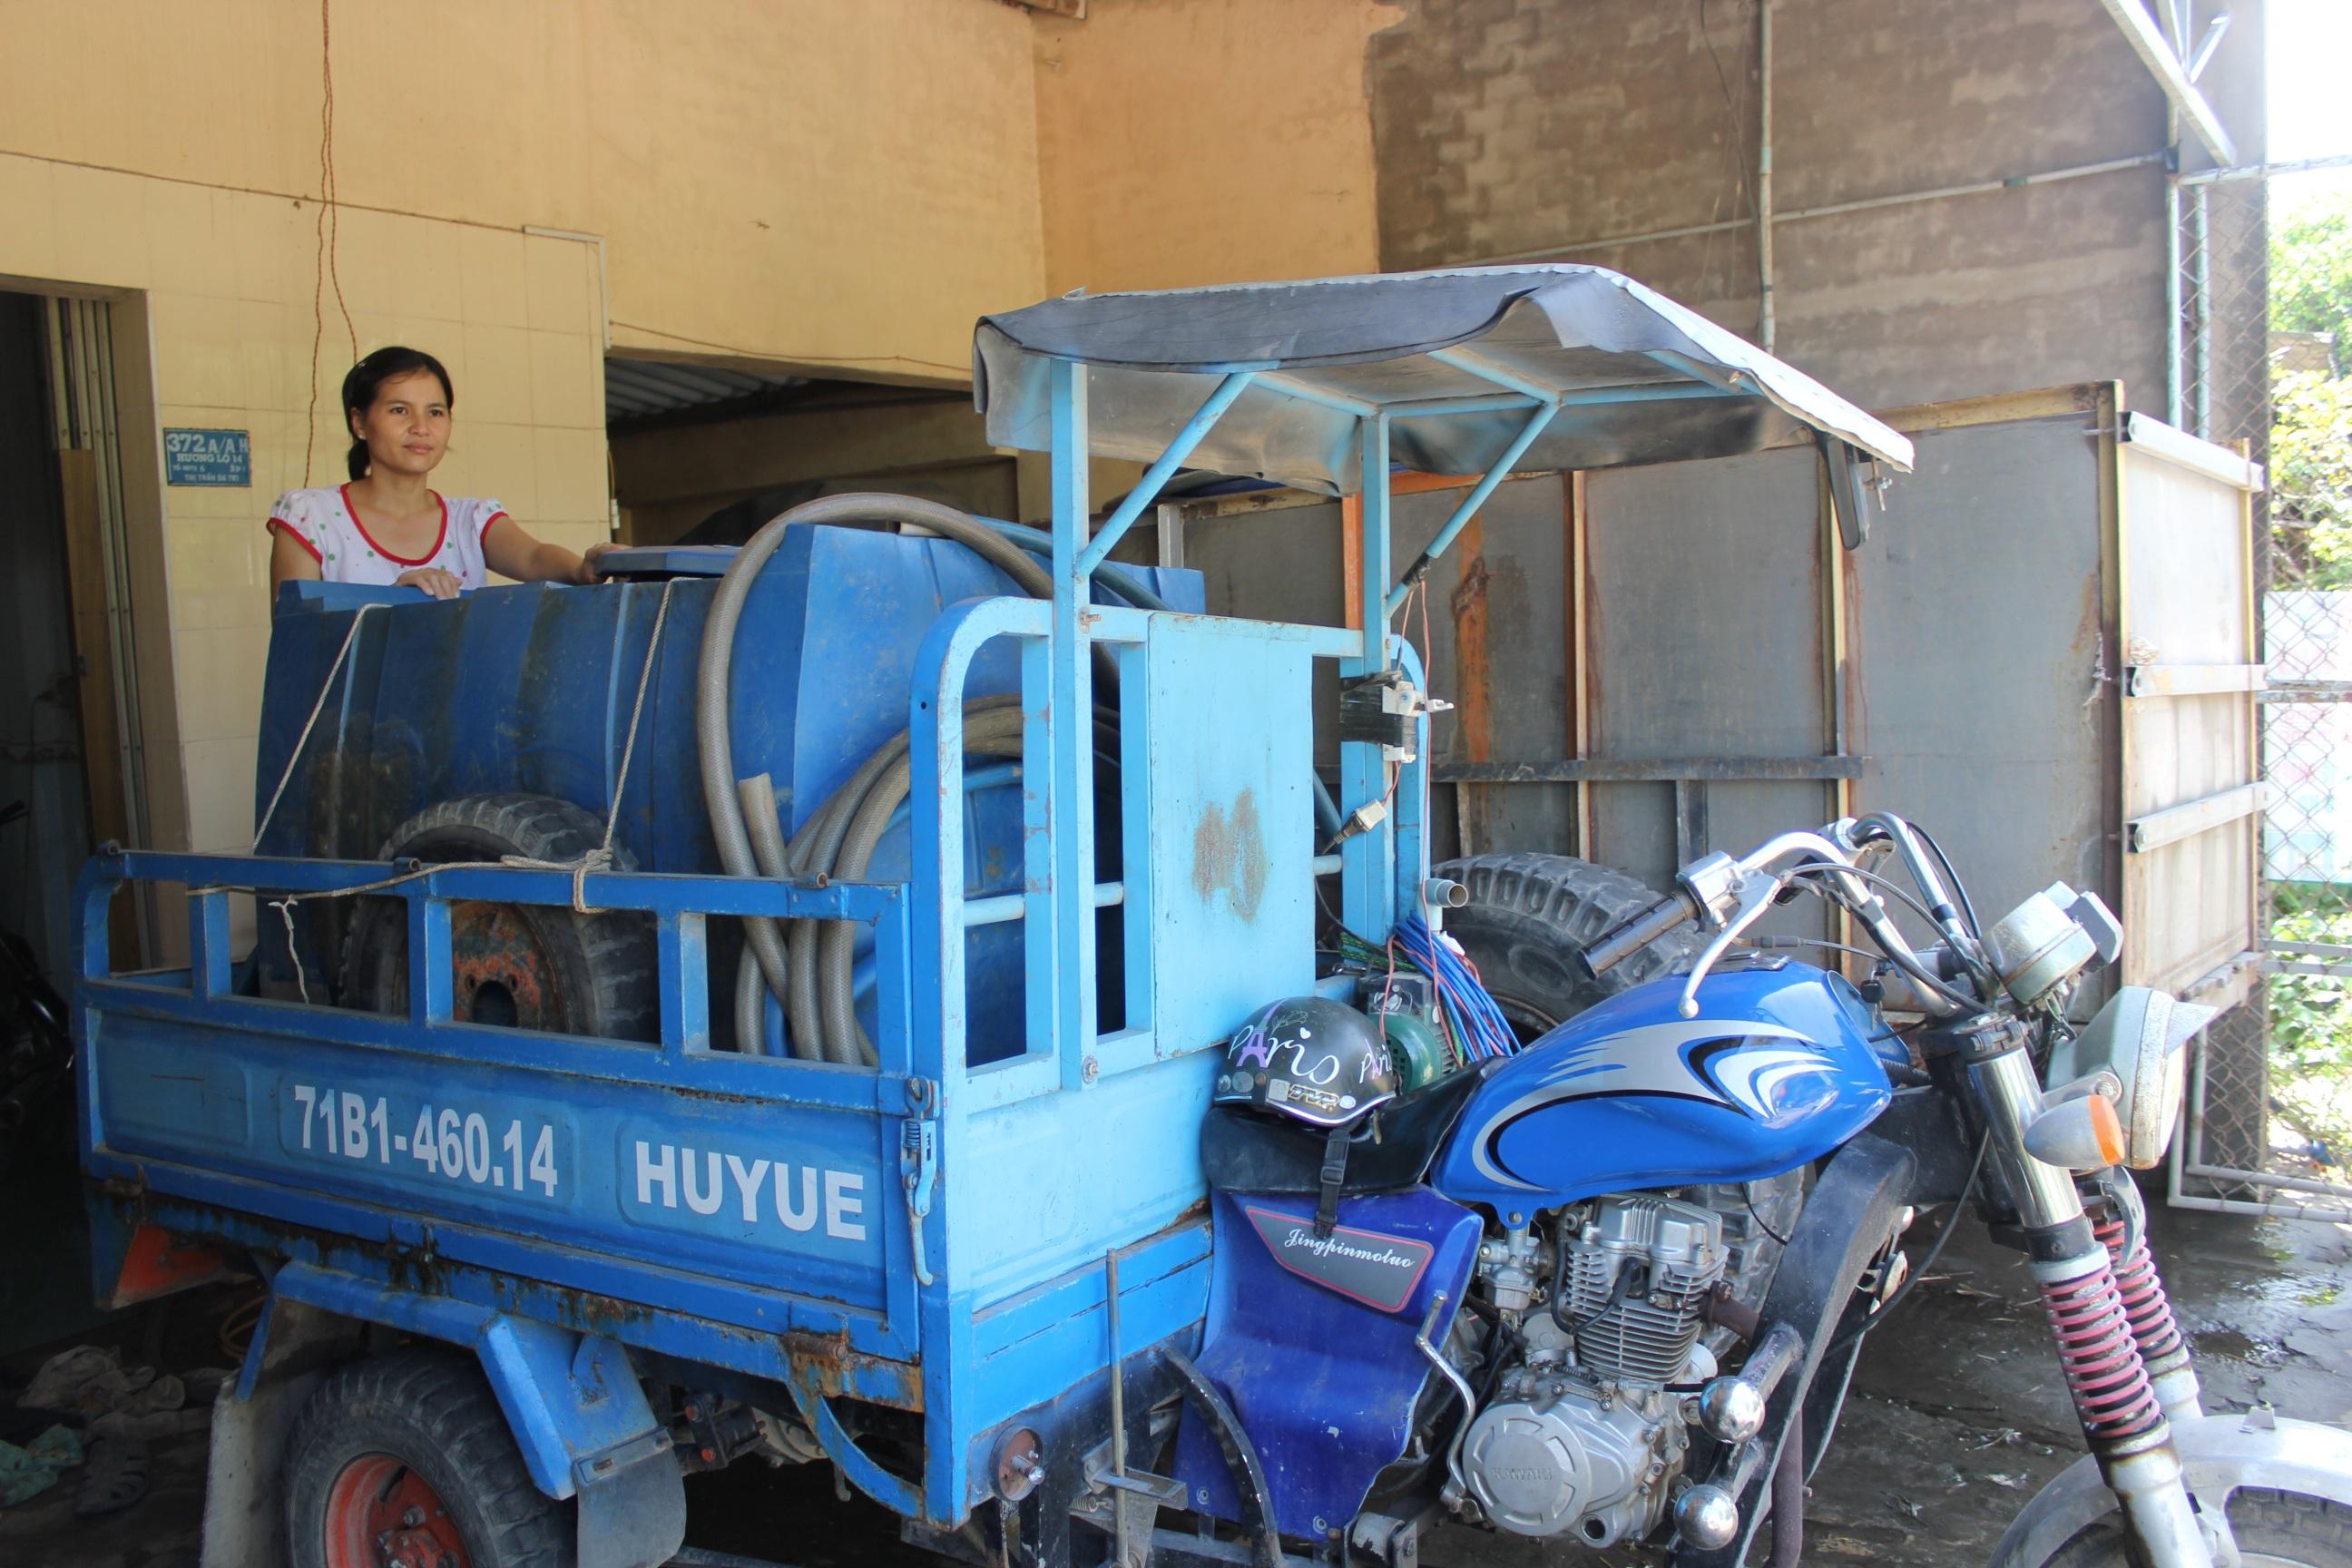 Chiếc xe ba bánh trở thành phương tiện chở nước trong thời điểm khô hạn